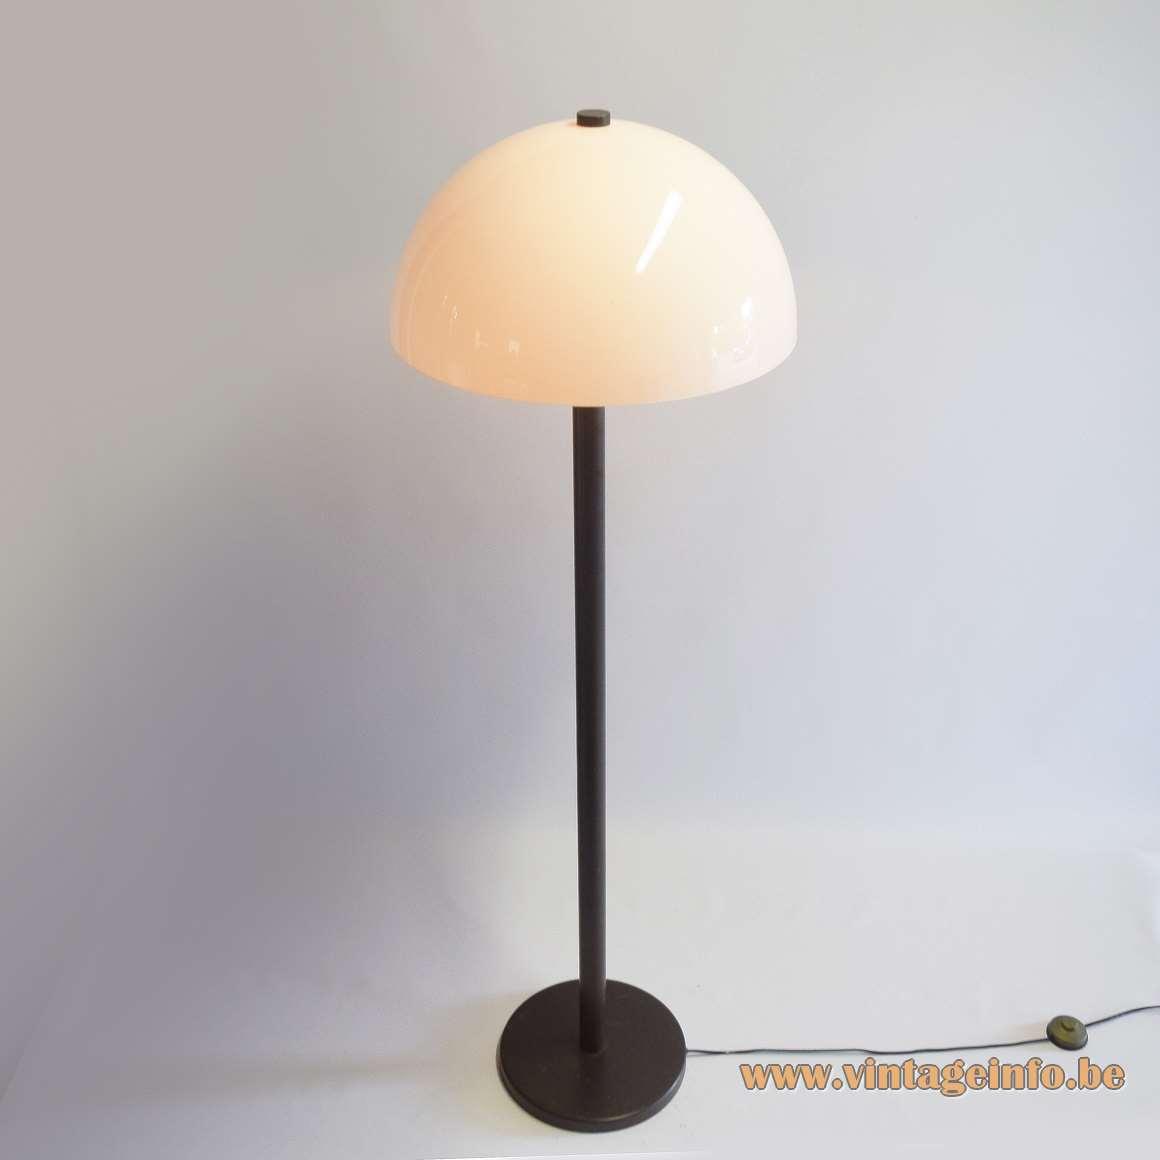 1970s Mushroom Floor Lamp